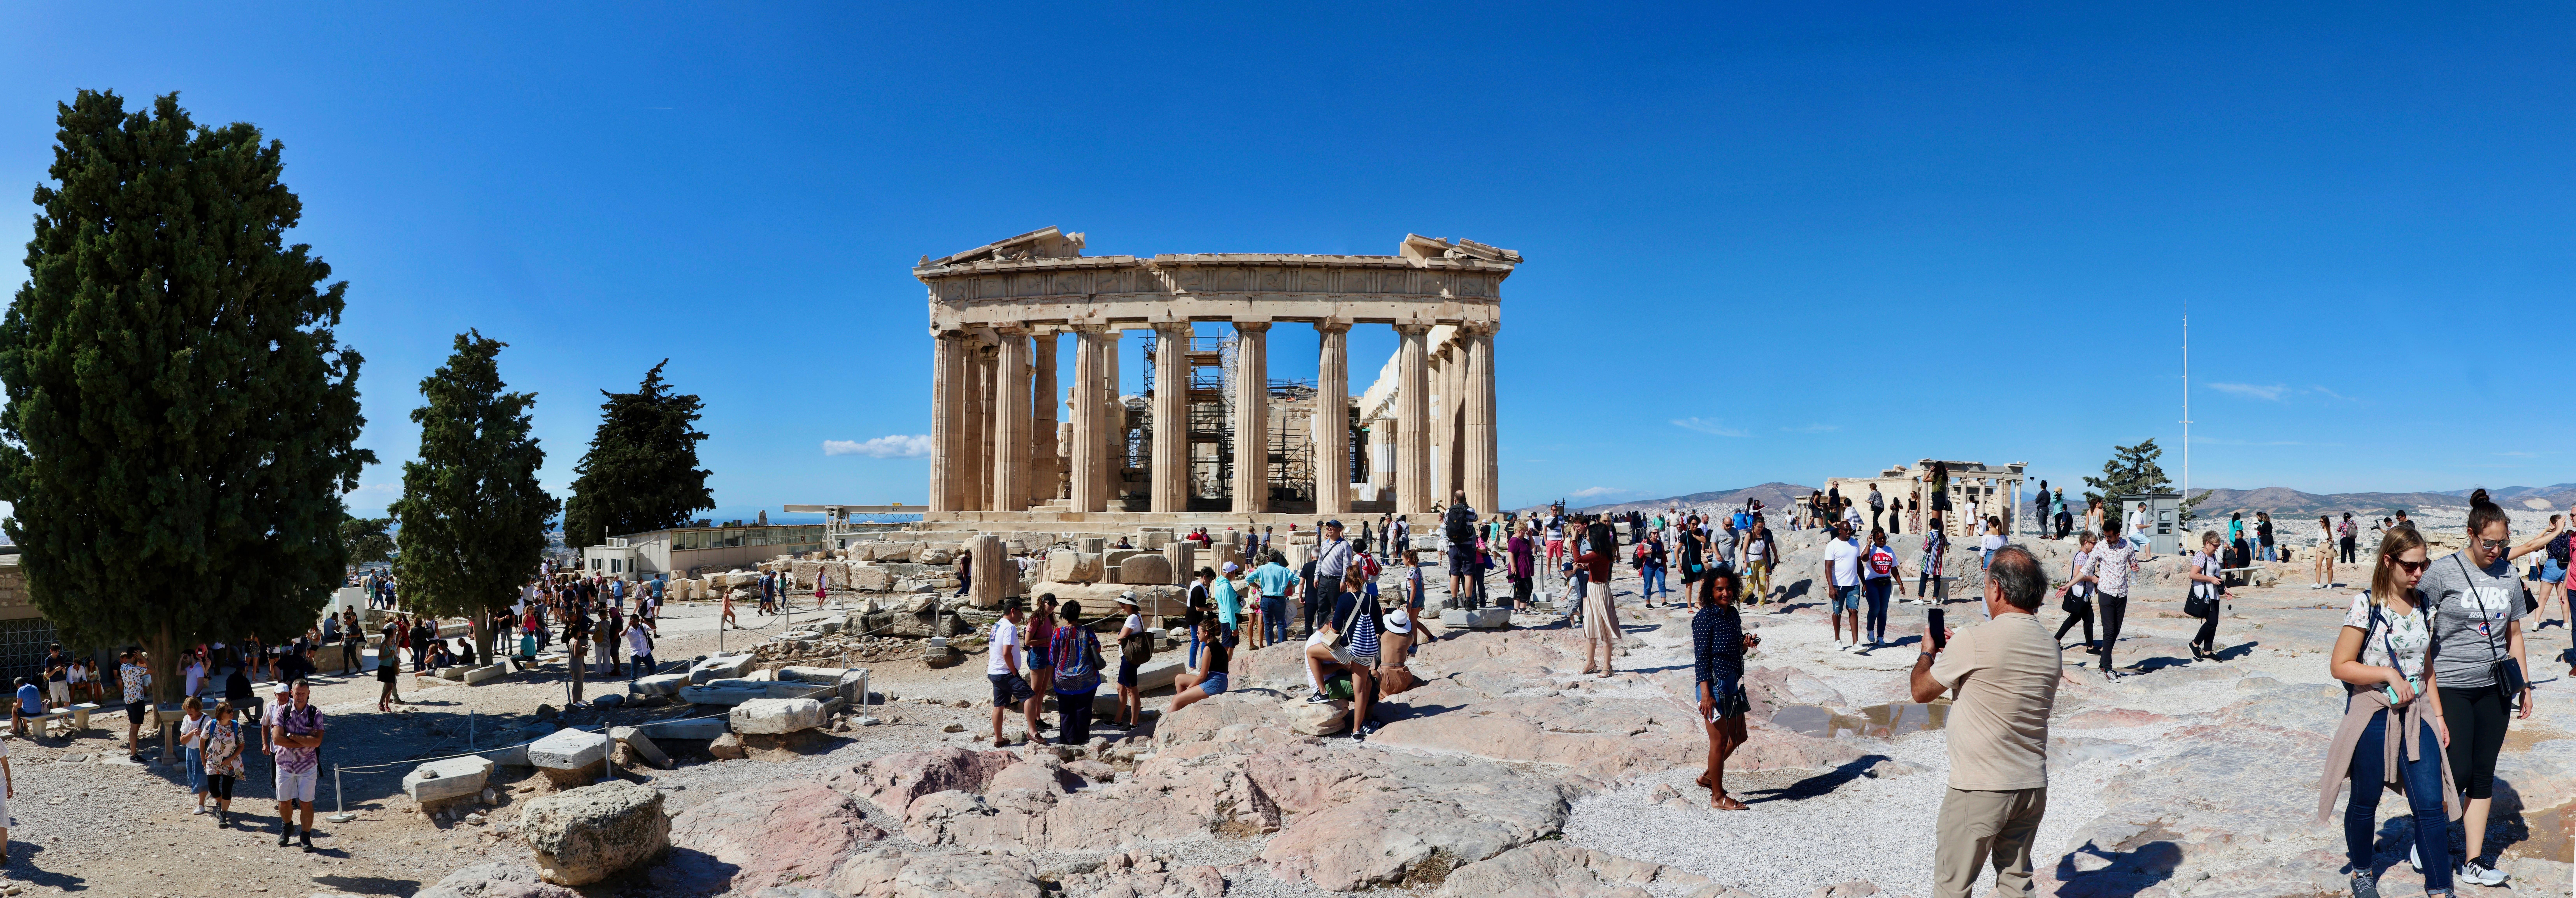 Ganz schön was los auf der Akropolis